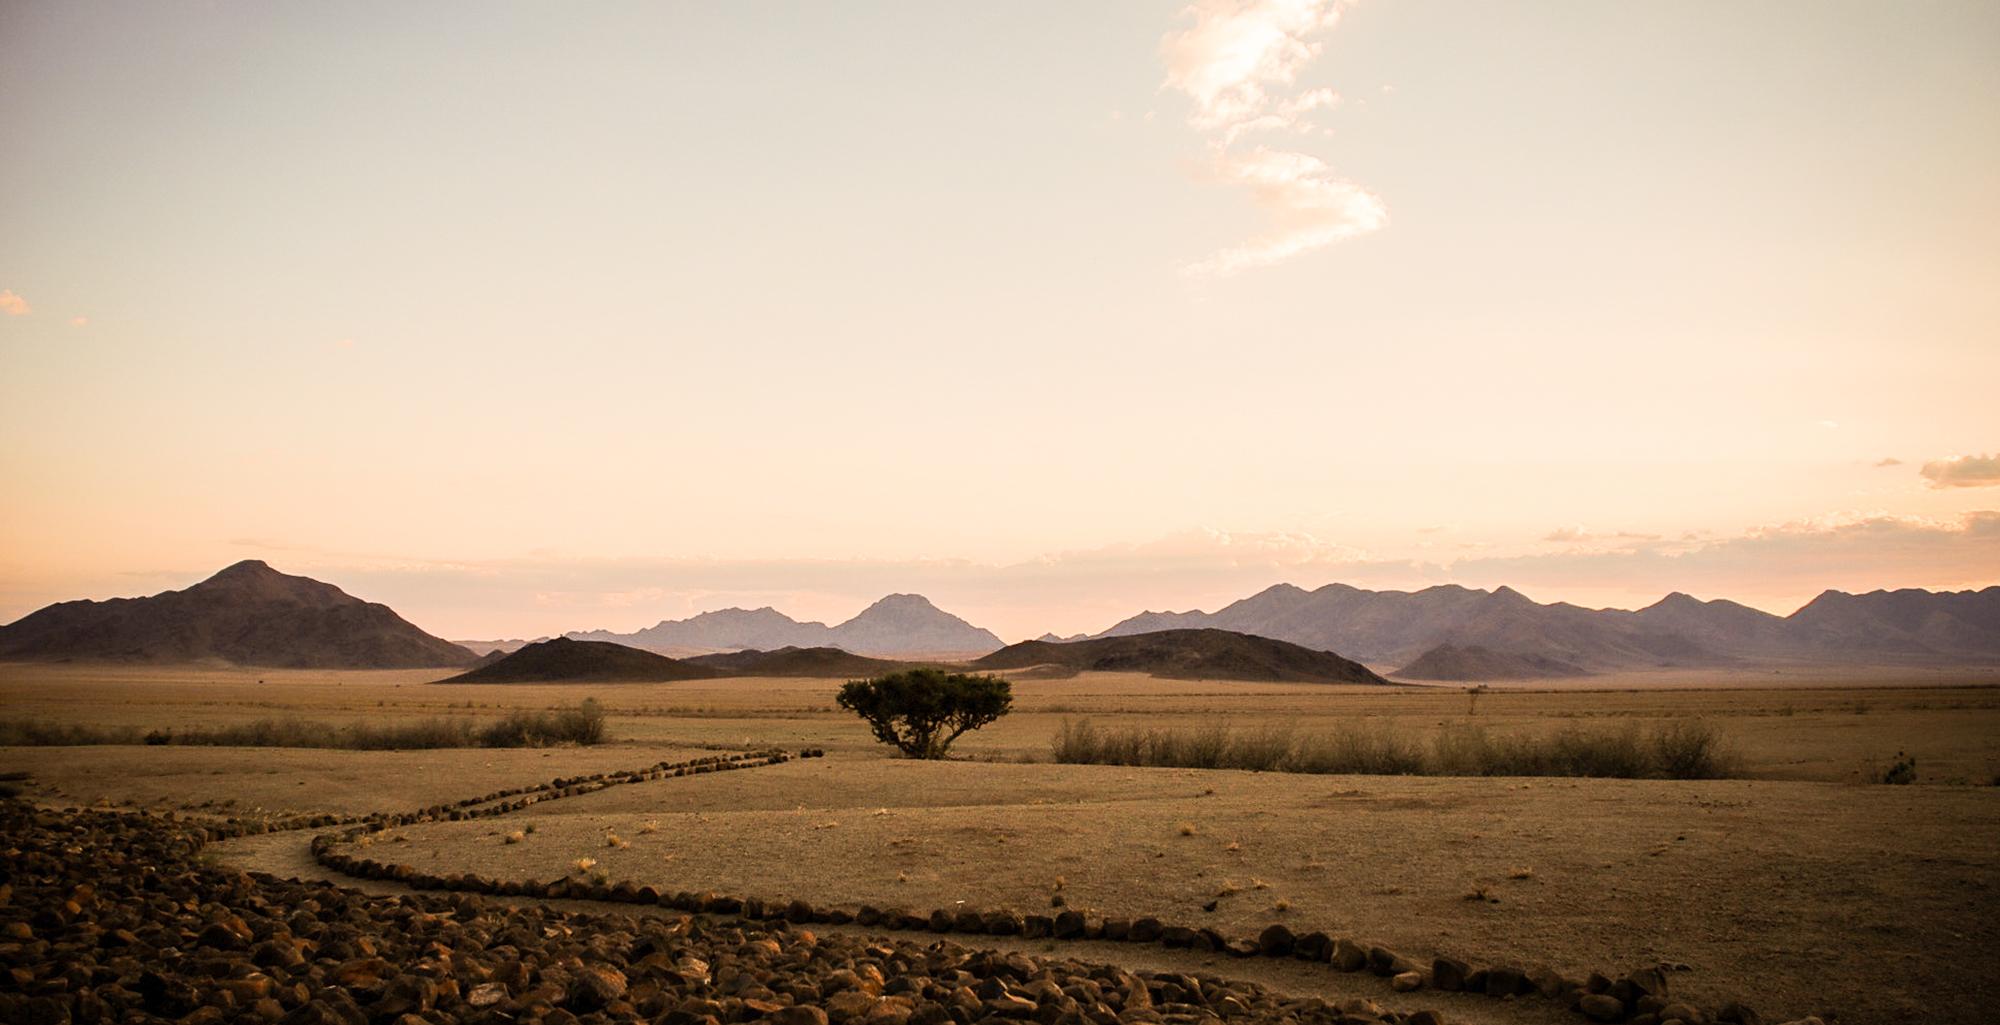 Namibia-NamibRand-Reserve-Landscape-Dusk